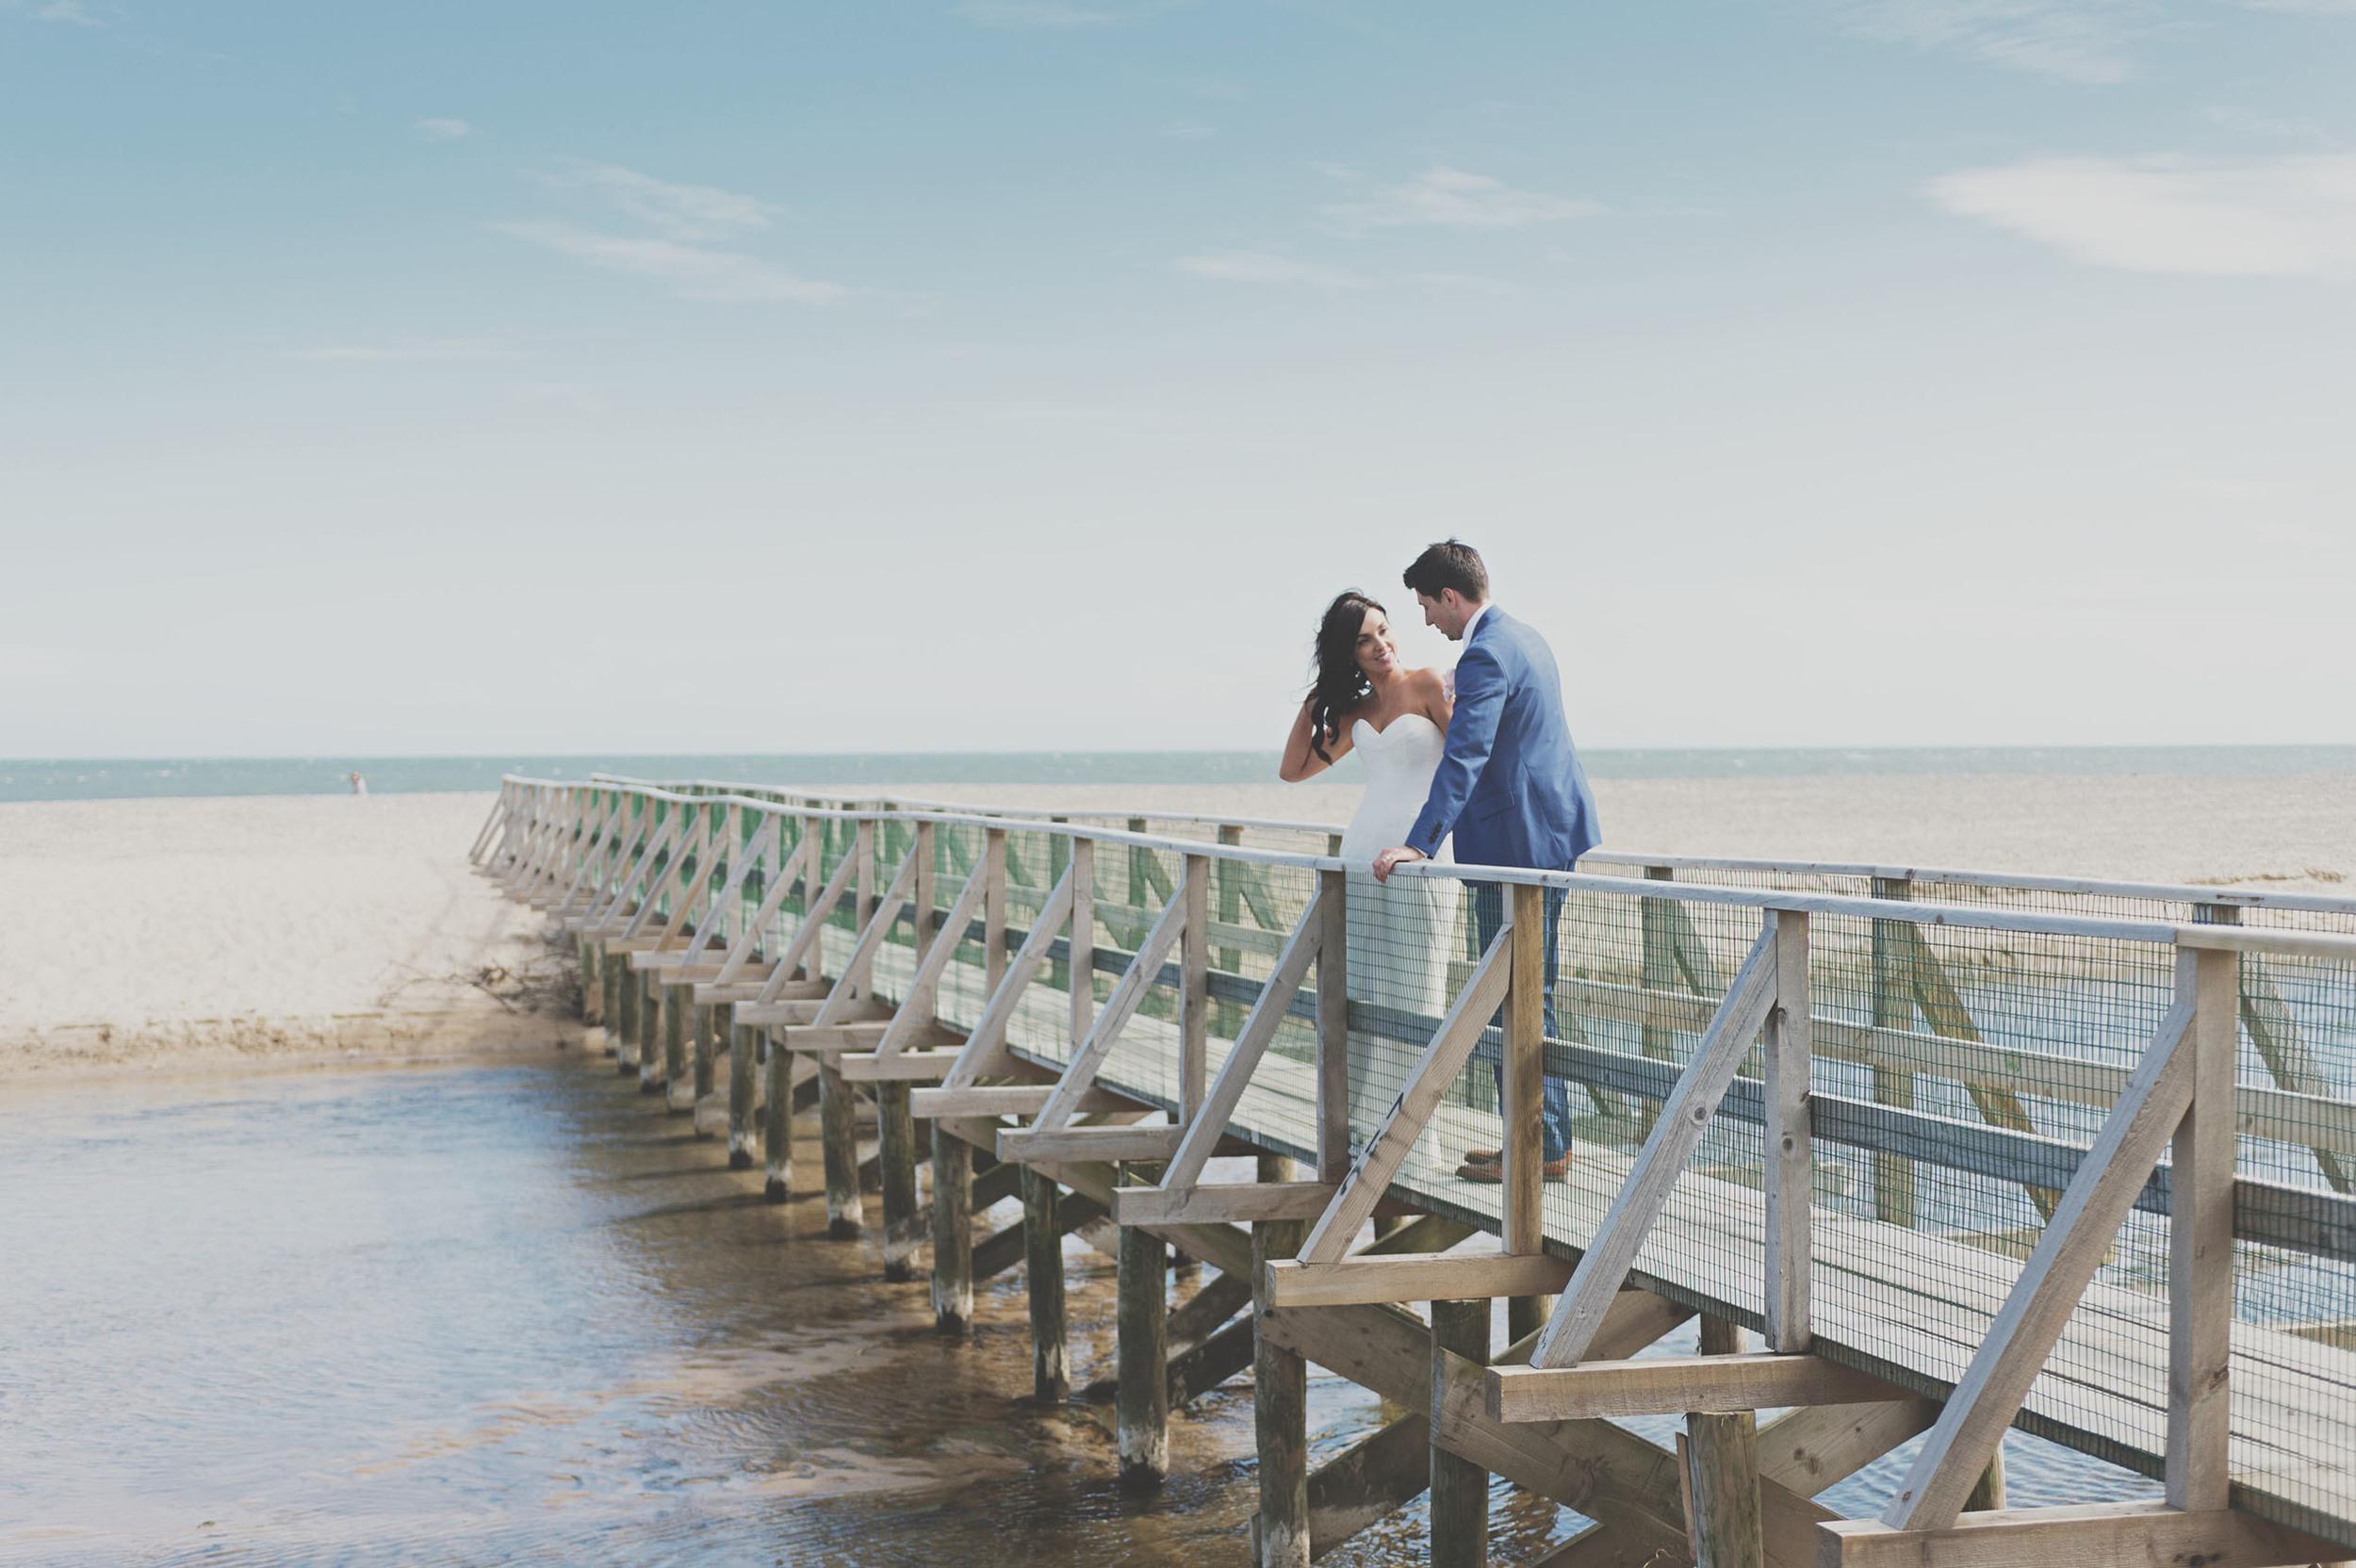 Julie & Matt's Seafield Wedding by Studio33weddings 078.jpg